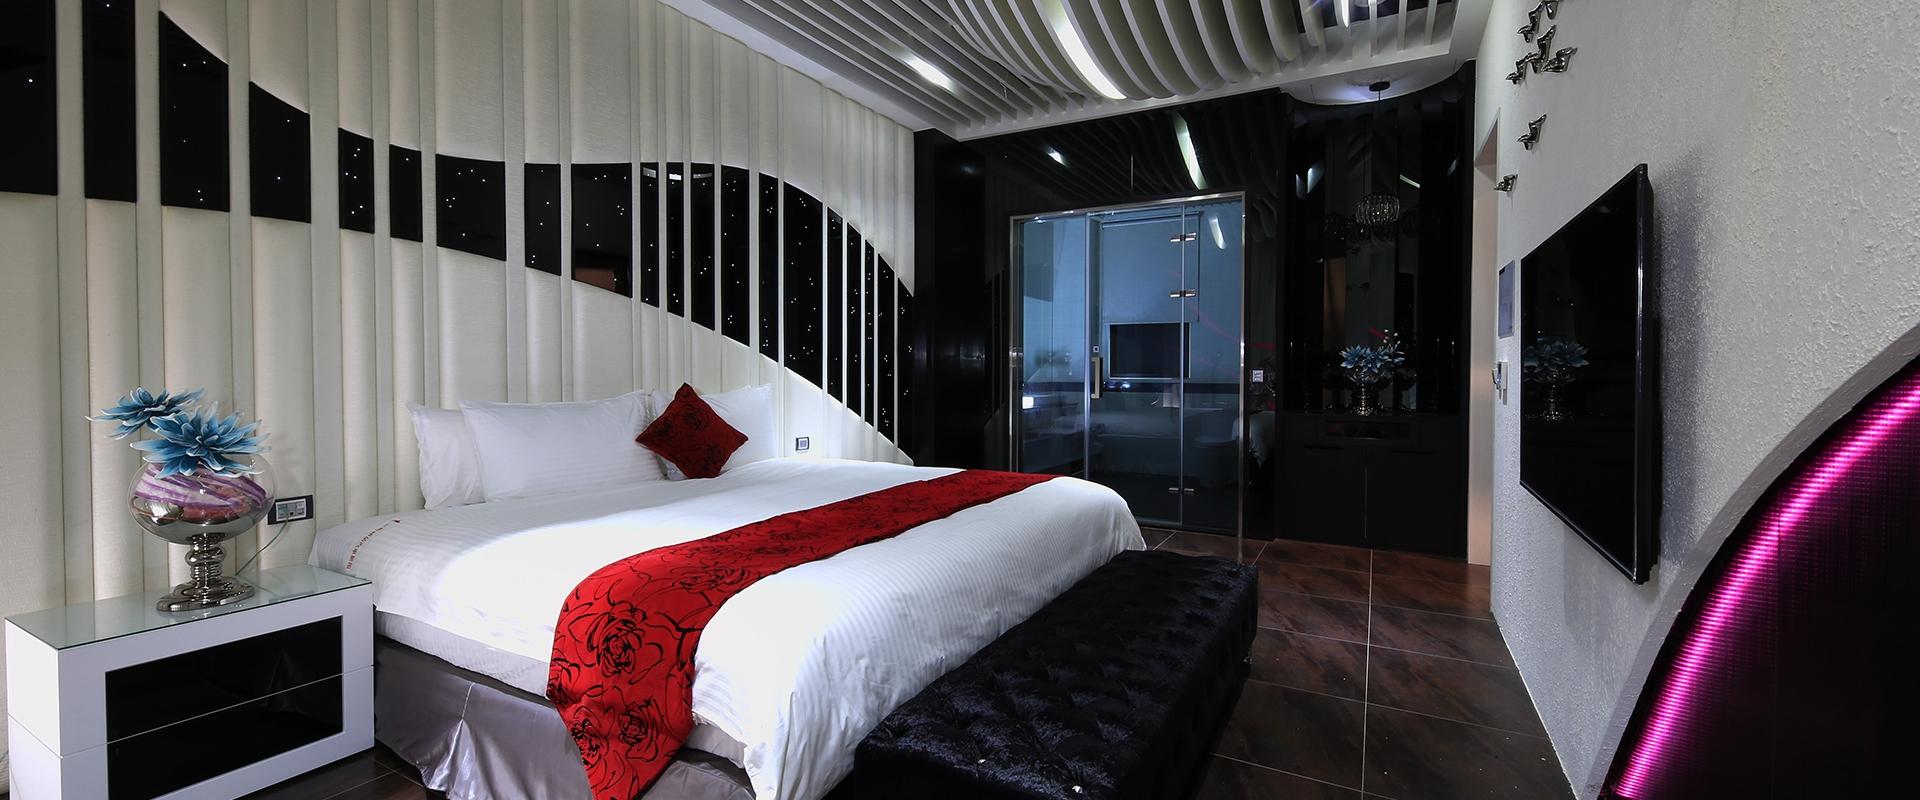 room210-01